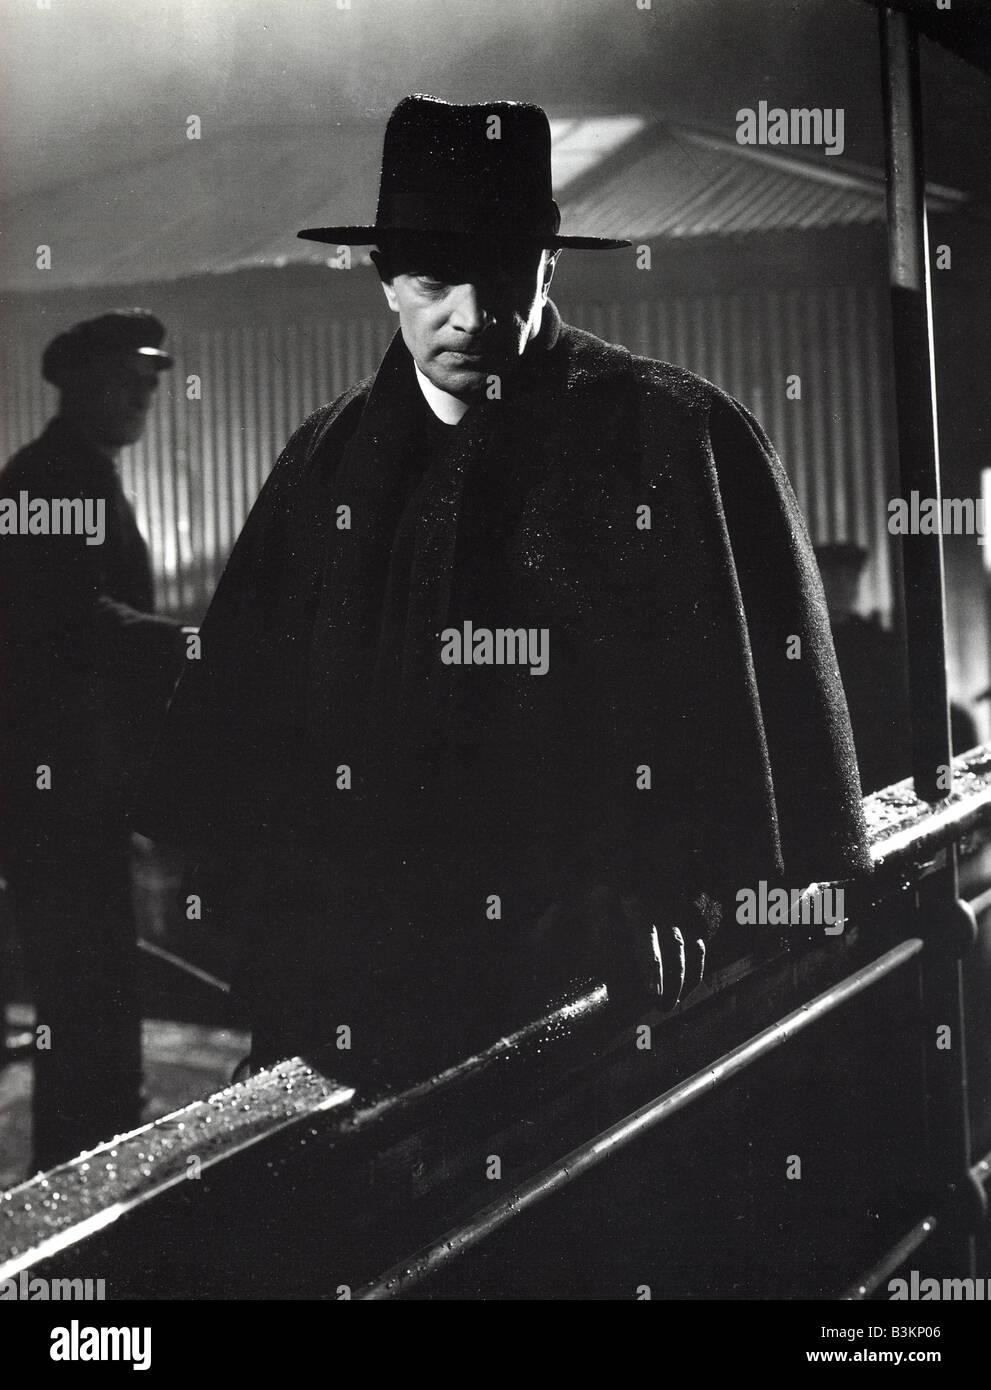 THE SPY IN BLACK 1939 Harefield/Alexander Korda film with Conrad Veidt - Stock Image